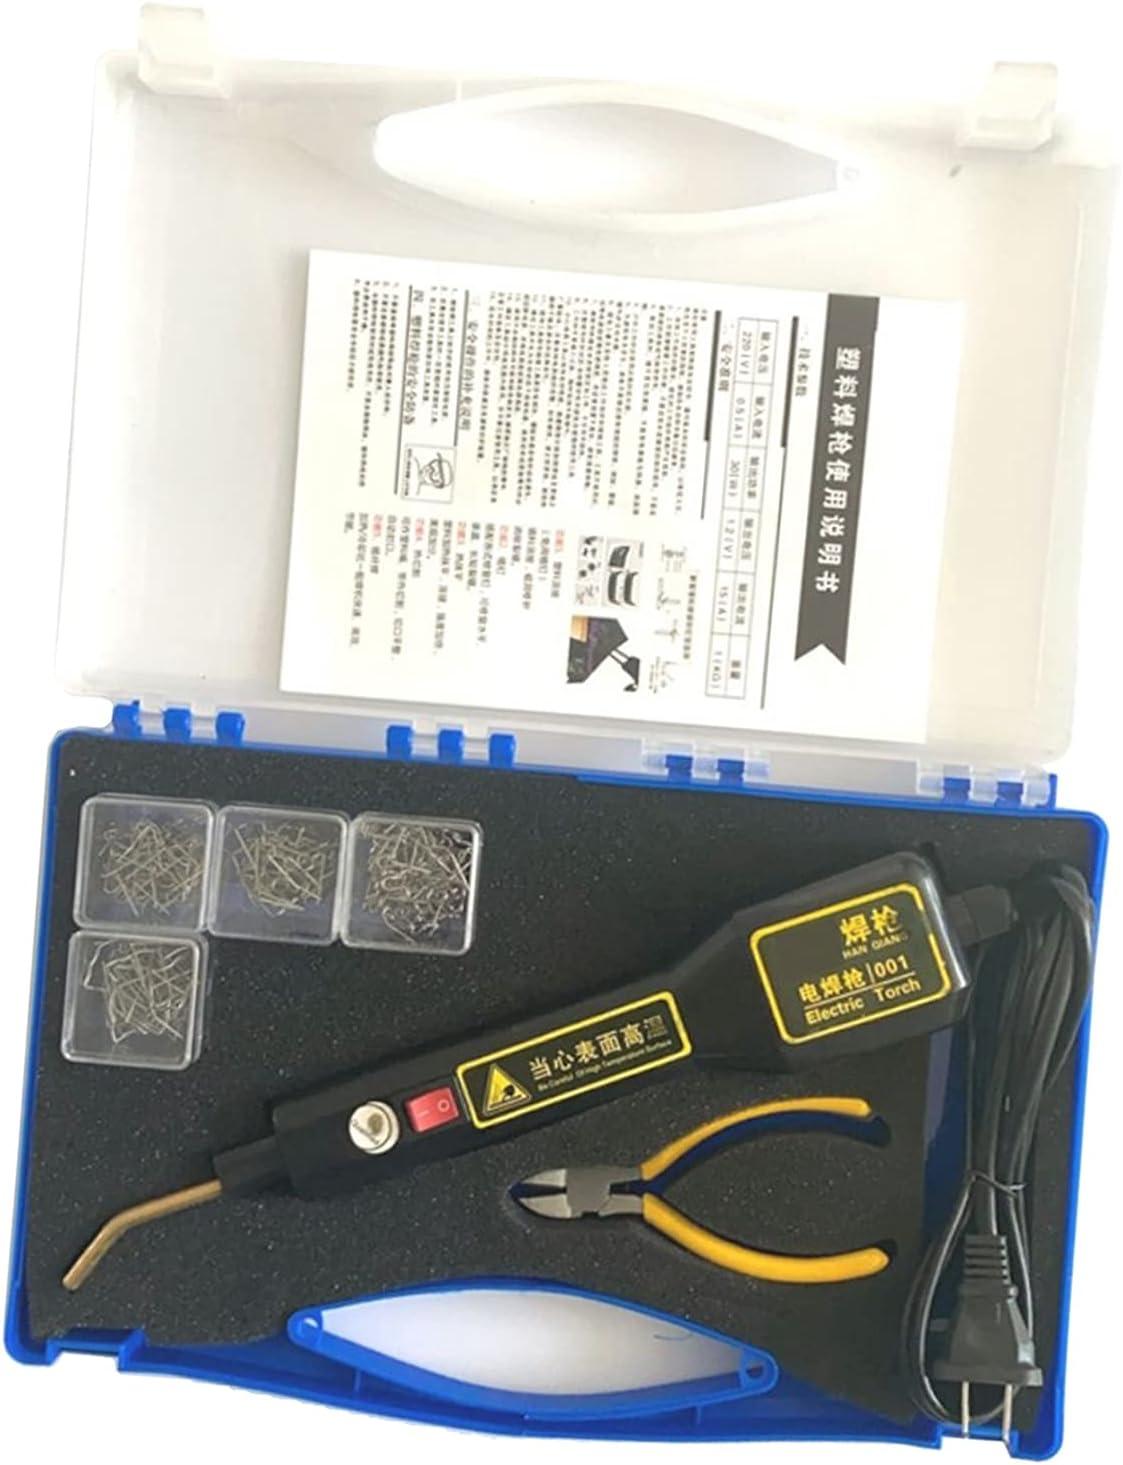 30W Plastic Welder, Welding Machine,Hot Staple Gun Repair Kit,Bo